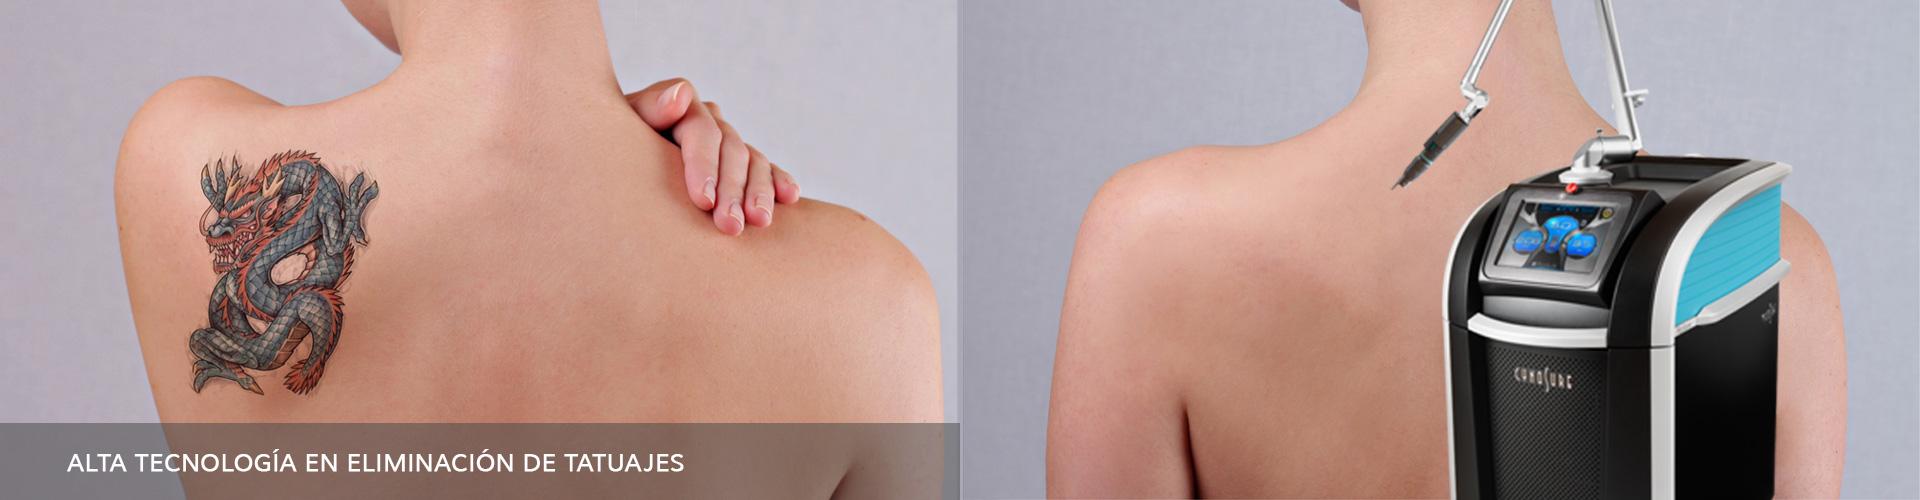 Aparatos-de-Estética-HIFU-Eliminacion-de-tatuajes-Arolaser-04